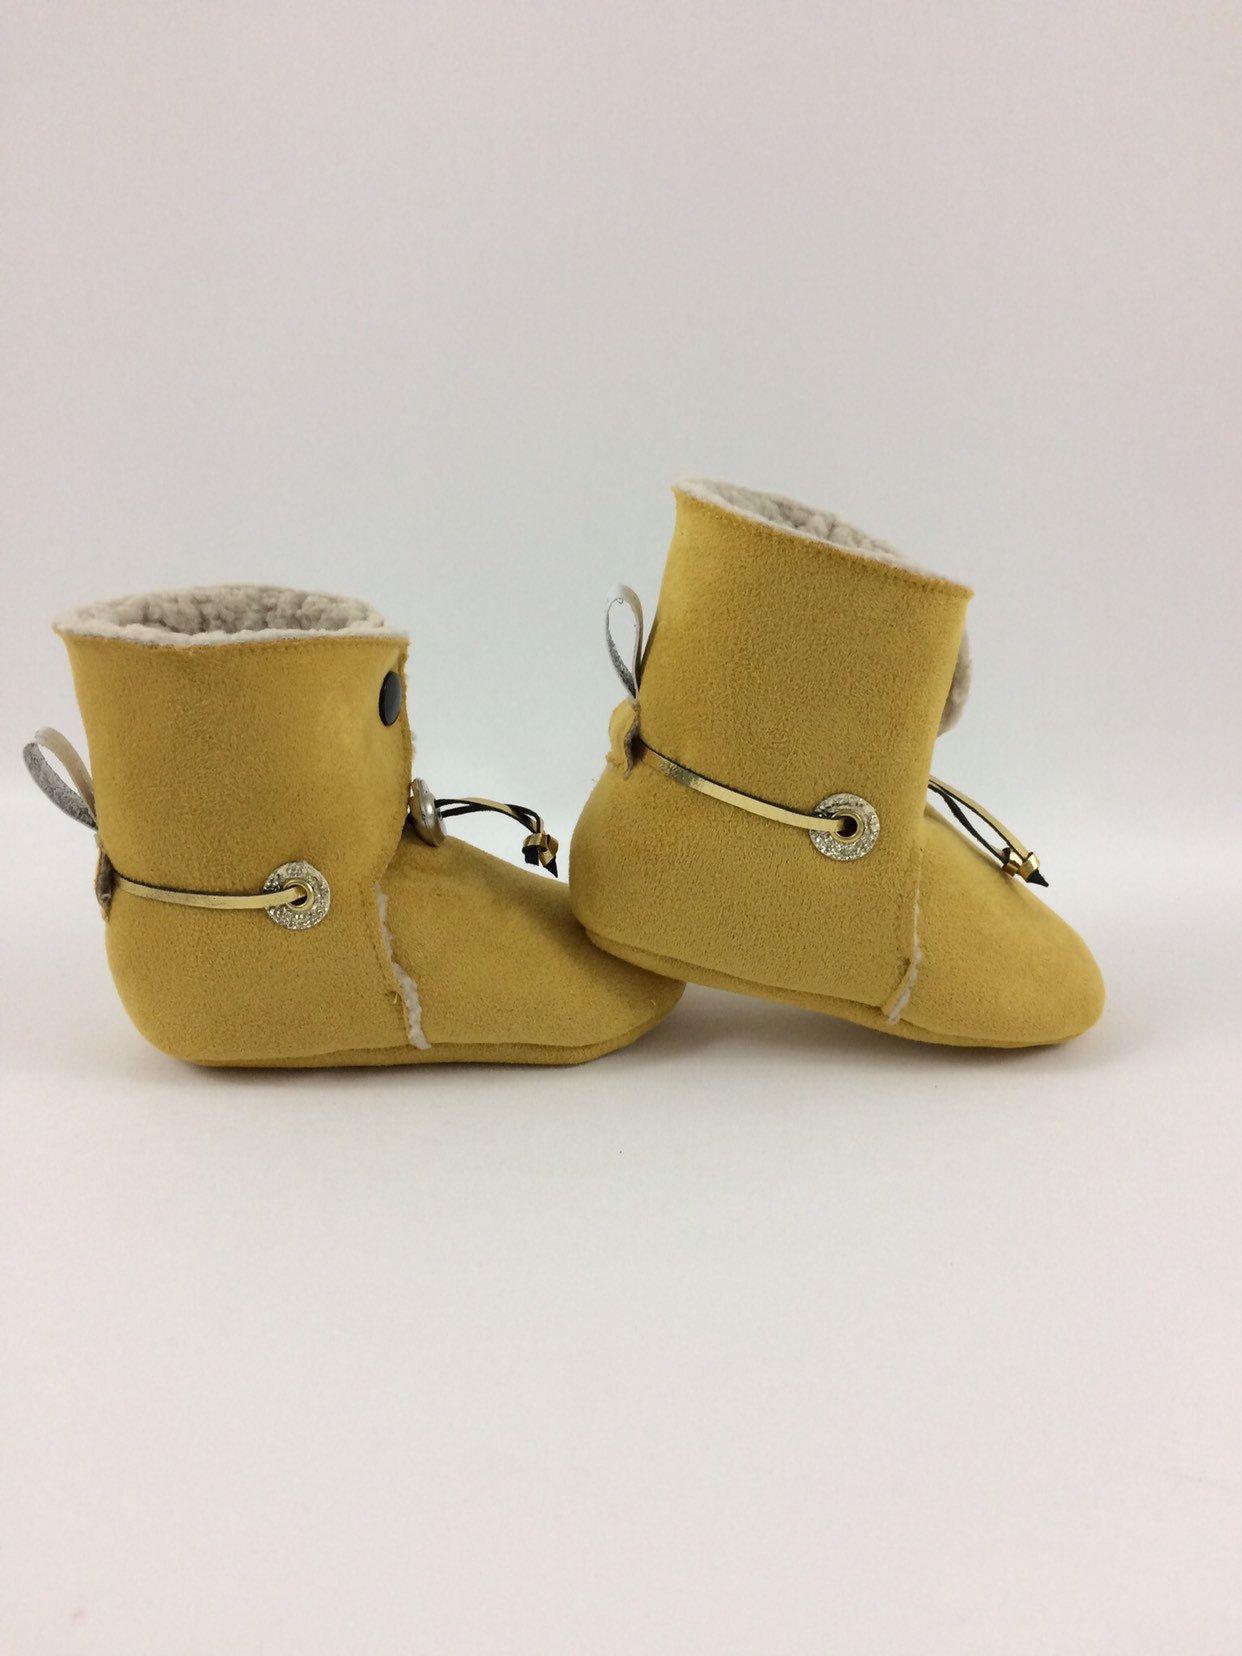 mode designer fd67c 3554c Chaussons bébé, chaussons fourrés, stop lacet, suédine ...